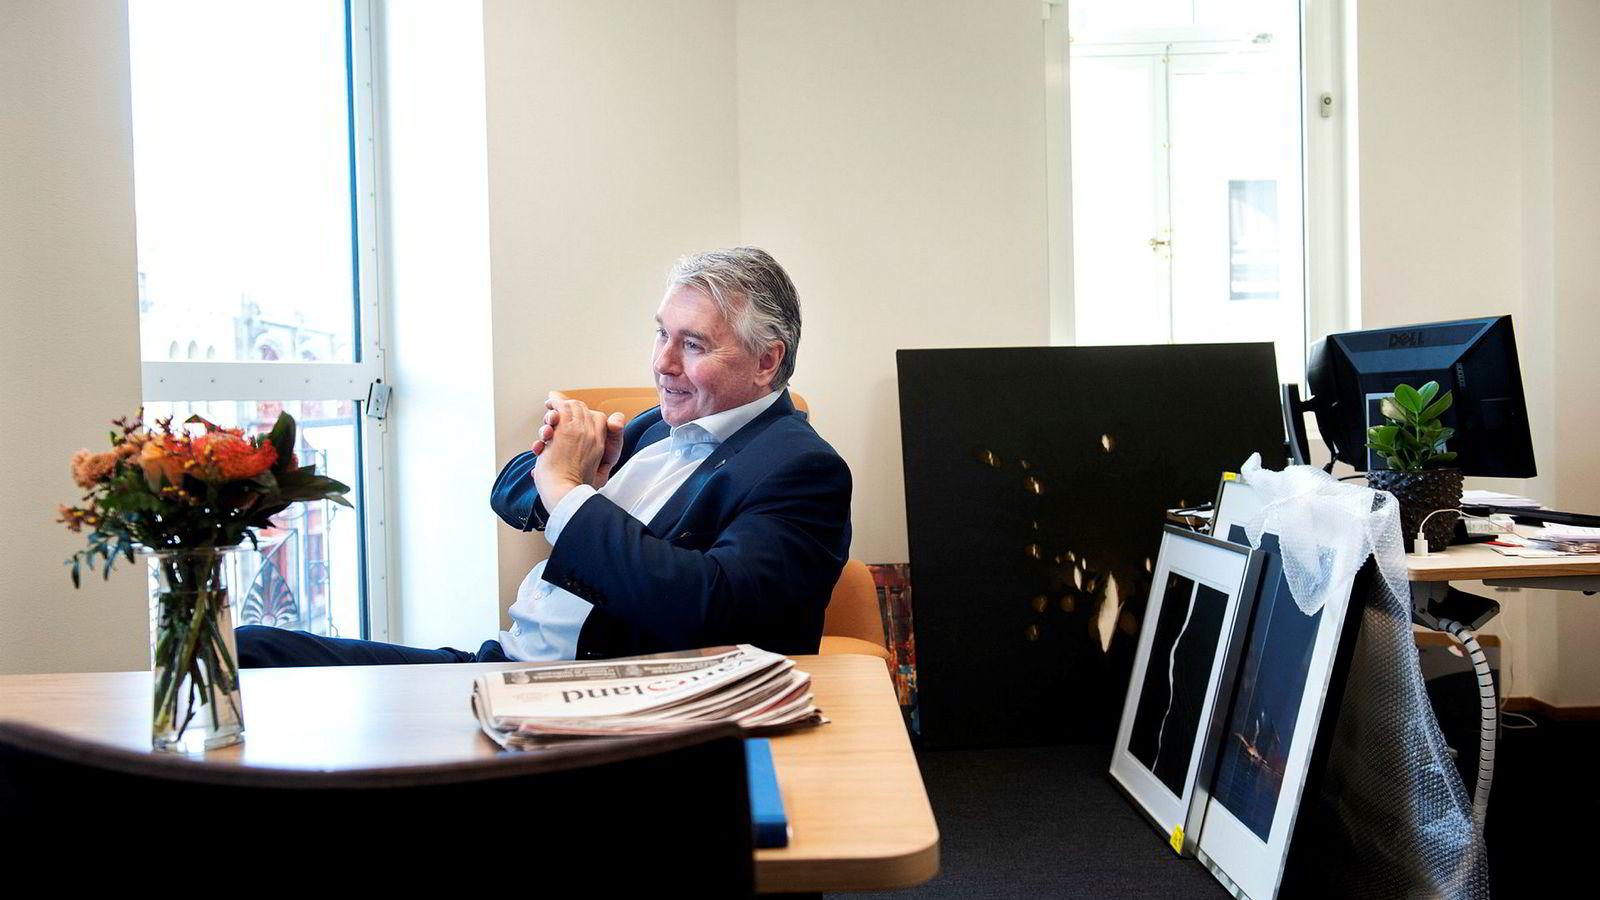 Høyres parlamentariske leder, Trond Helleland, har ledet prosessen med å lage de nye kjørereglene for samarbeid mellom regjeringspartiene. Han mener partiene må slutte med offentlige debatter mot hverandre.